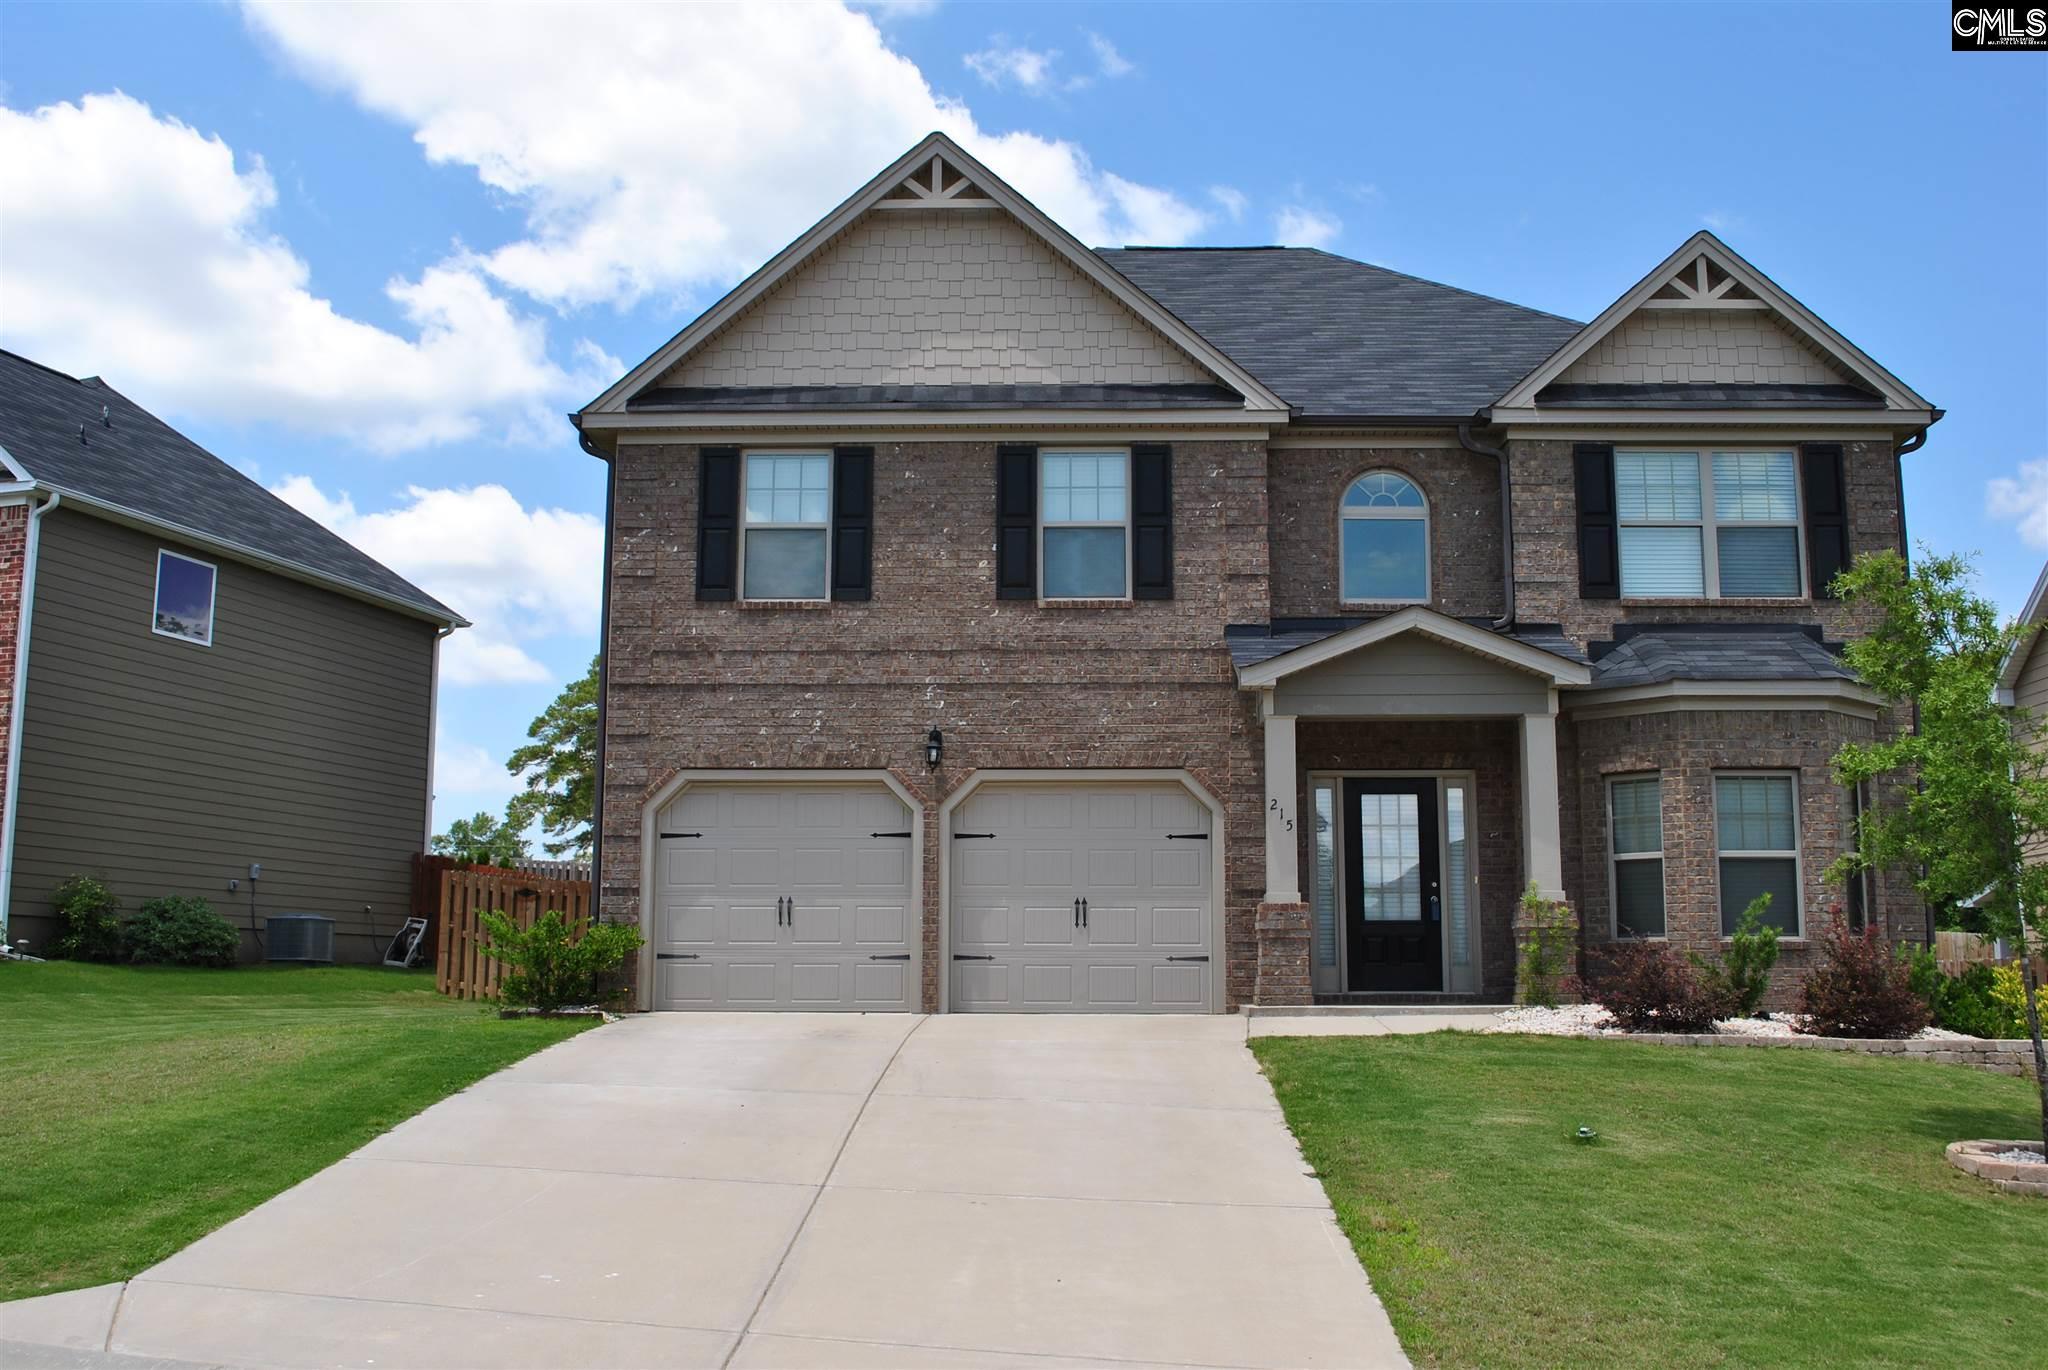 215 Grey Oaks Lexington, SC 29072